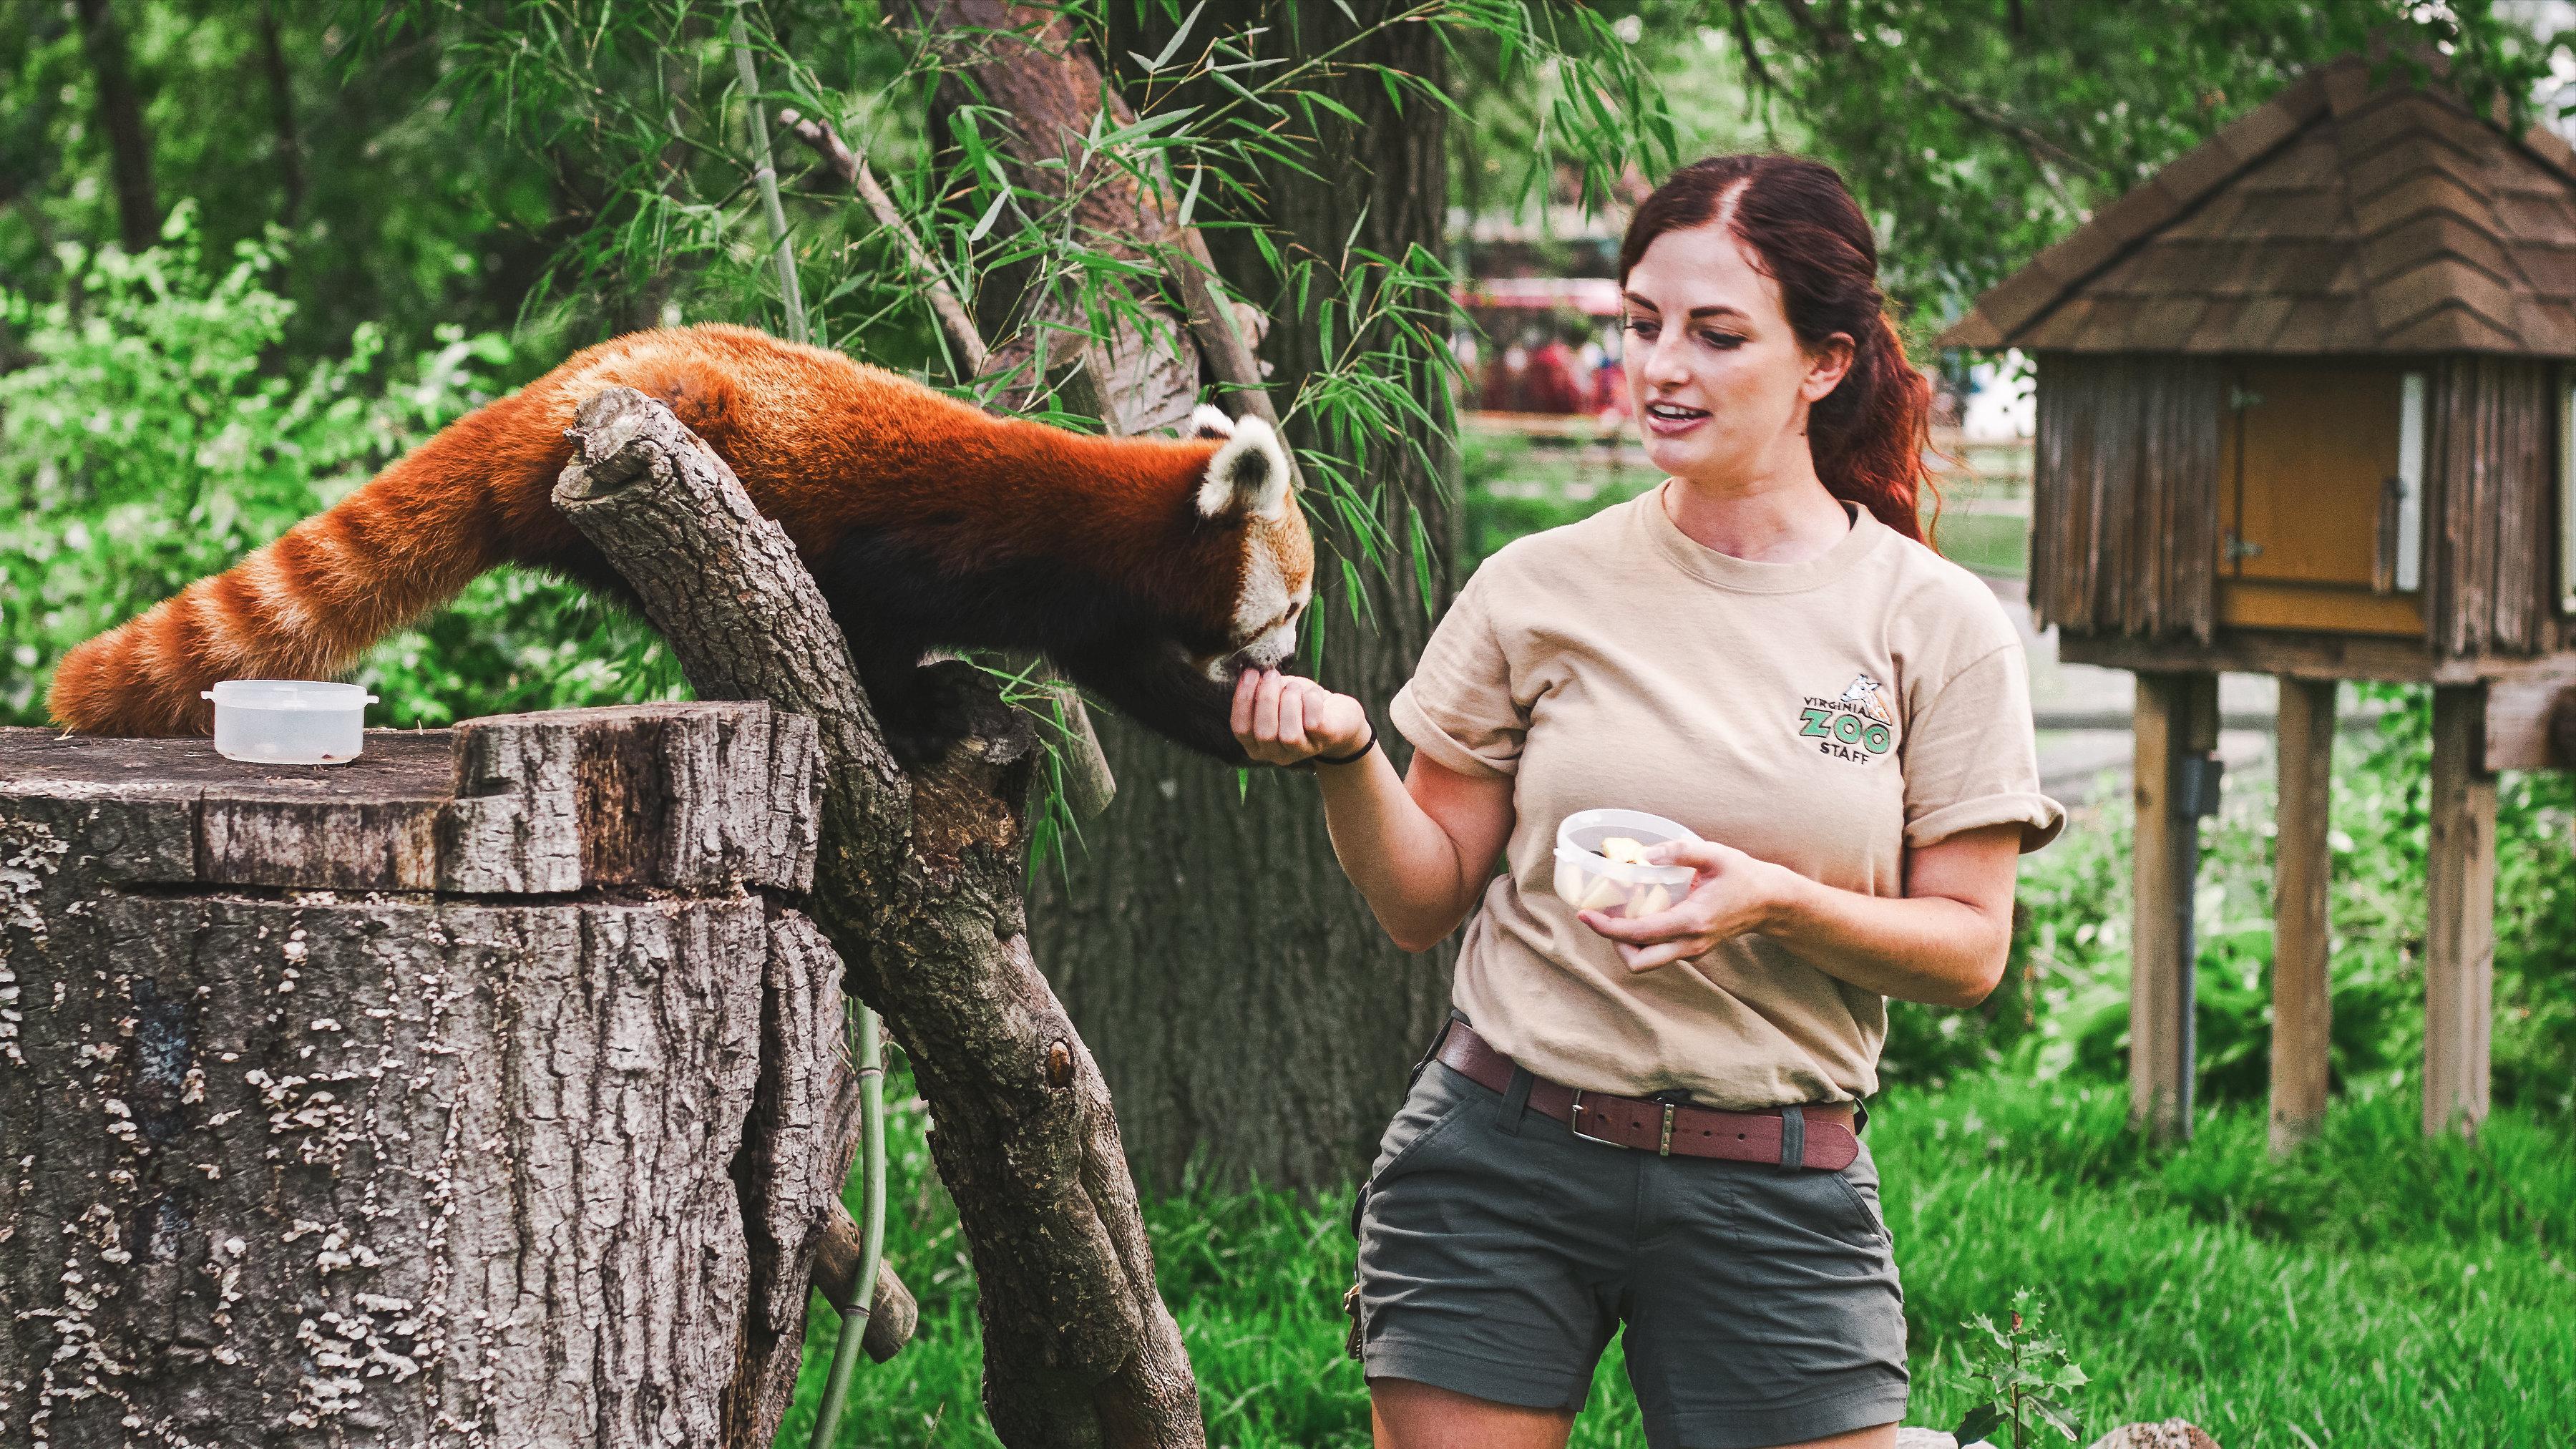 Zoo Calendar : Calendar photo contest virginia zoo in norfolk